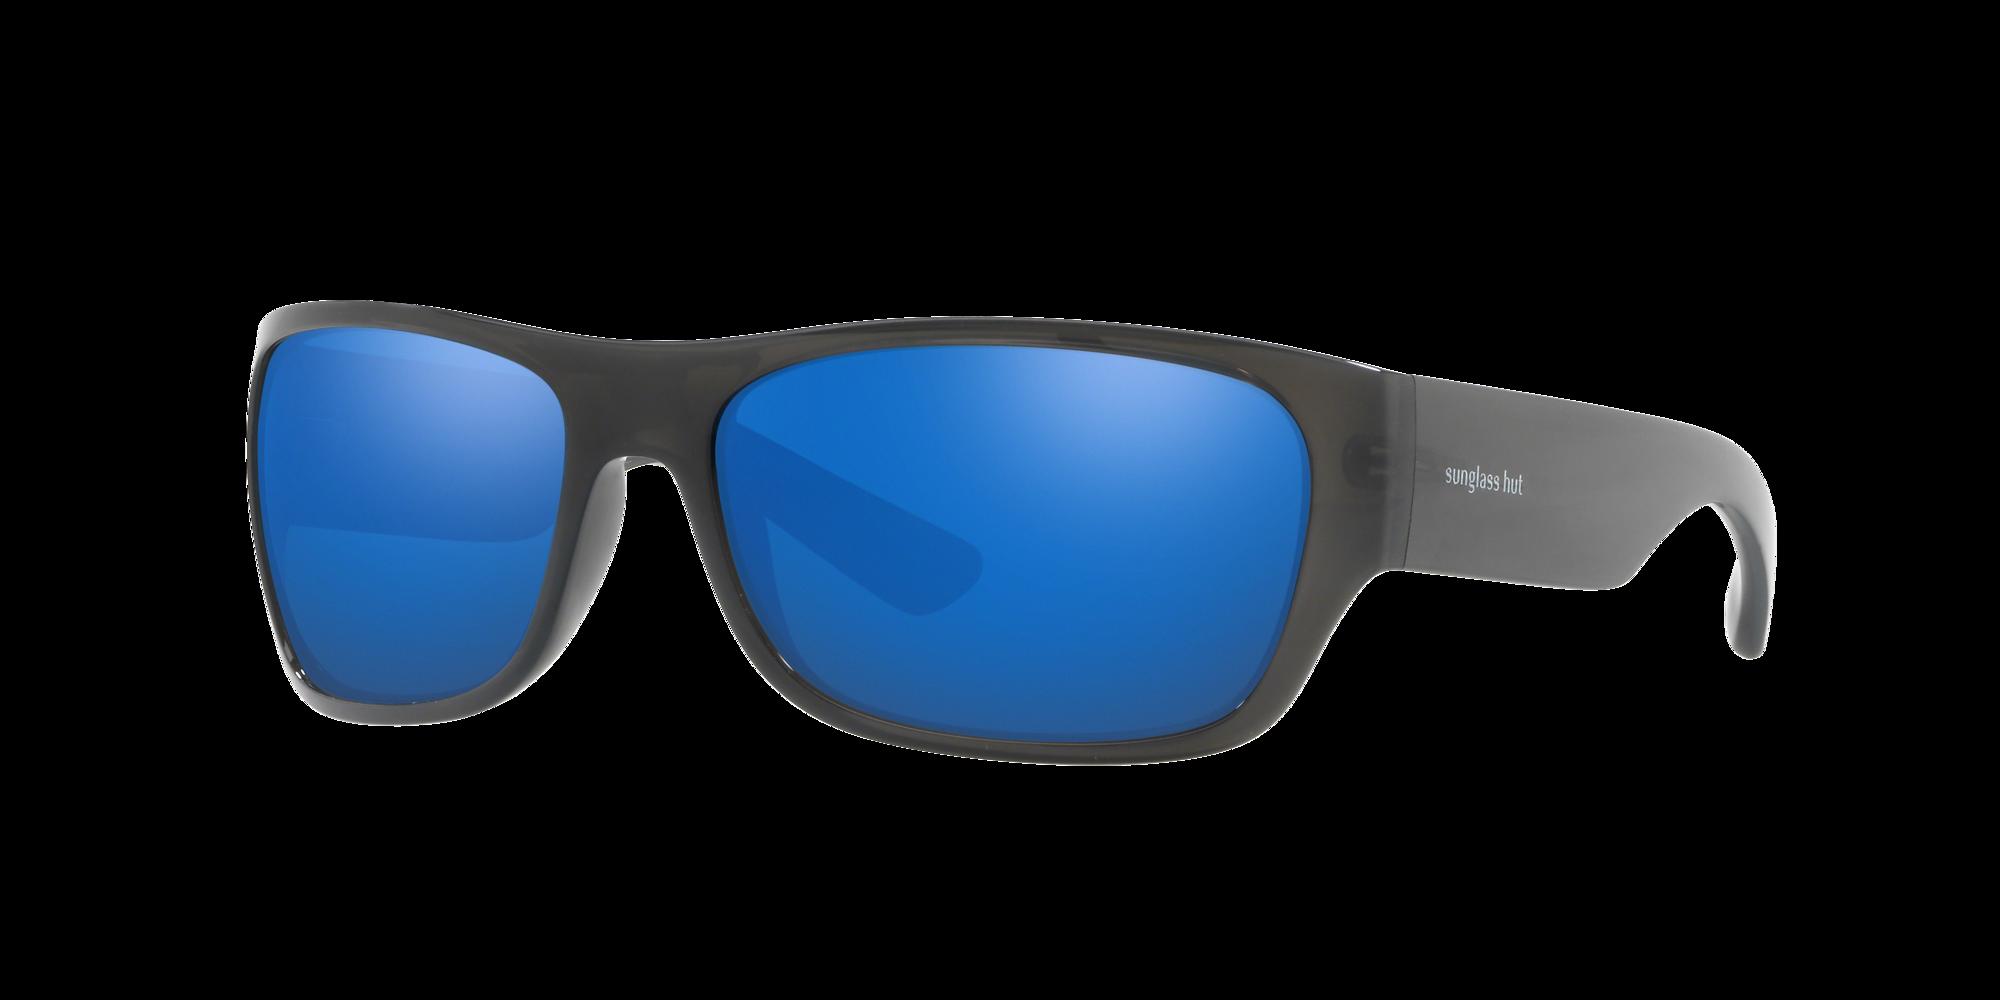 Coleccion Sunglass Hut Unisex  HU2013 -  Frame color: Gris, Lens color: Azul, Size 63-17/130